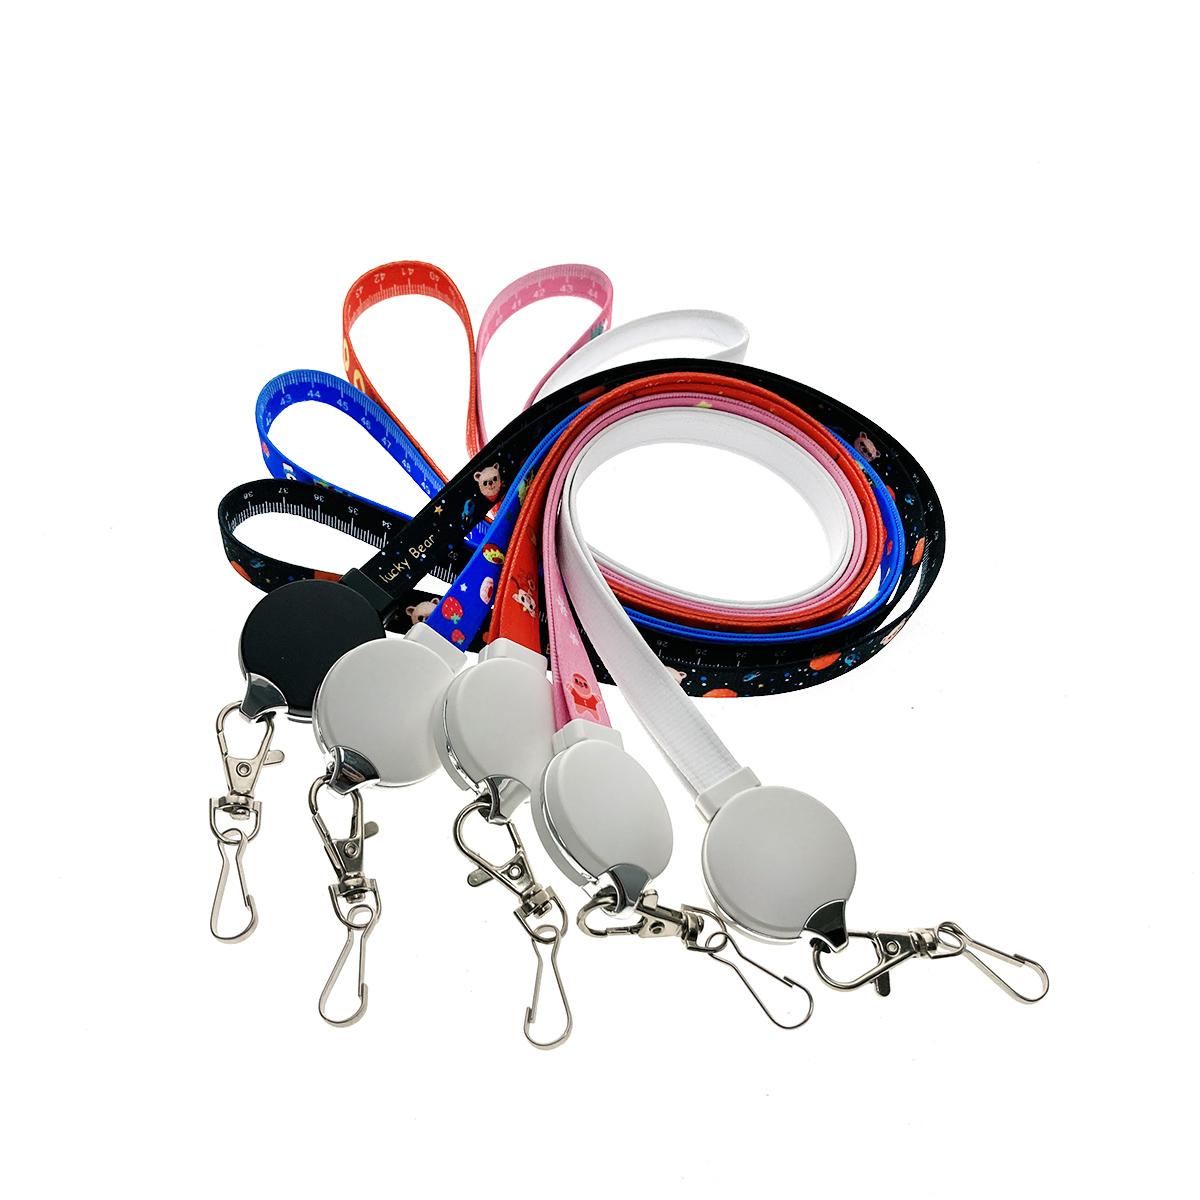 Универсальный кабель - переходник 3в1, Type-C + micro USB + iphone Lightning 8pin, Elyard3i1 красный, ремешок на шею